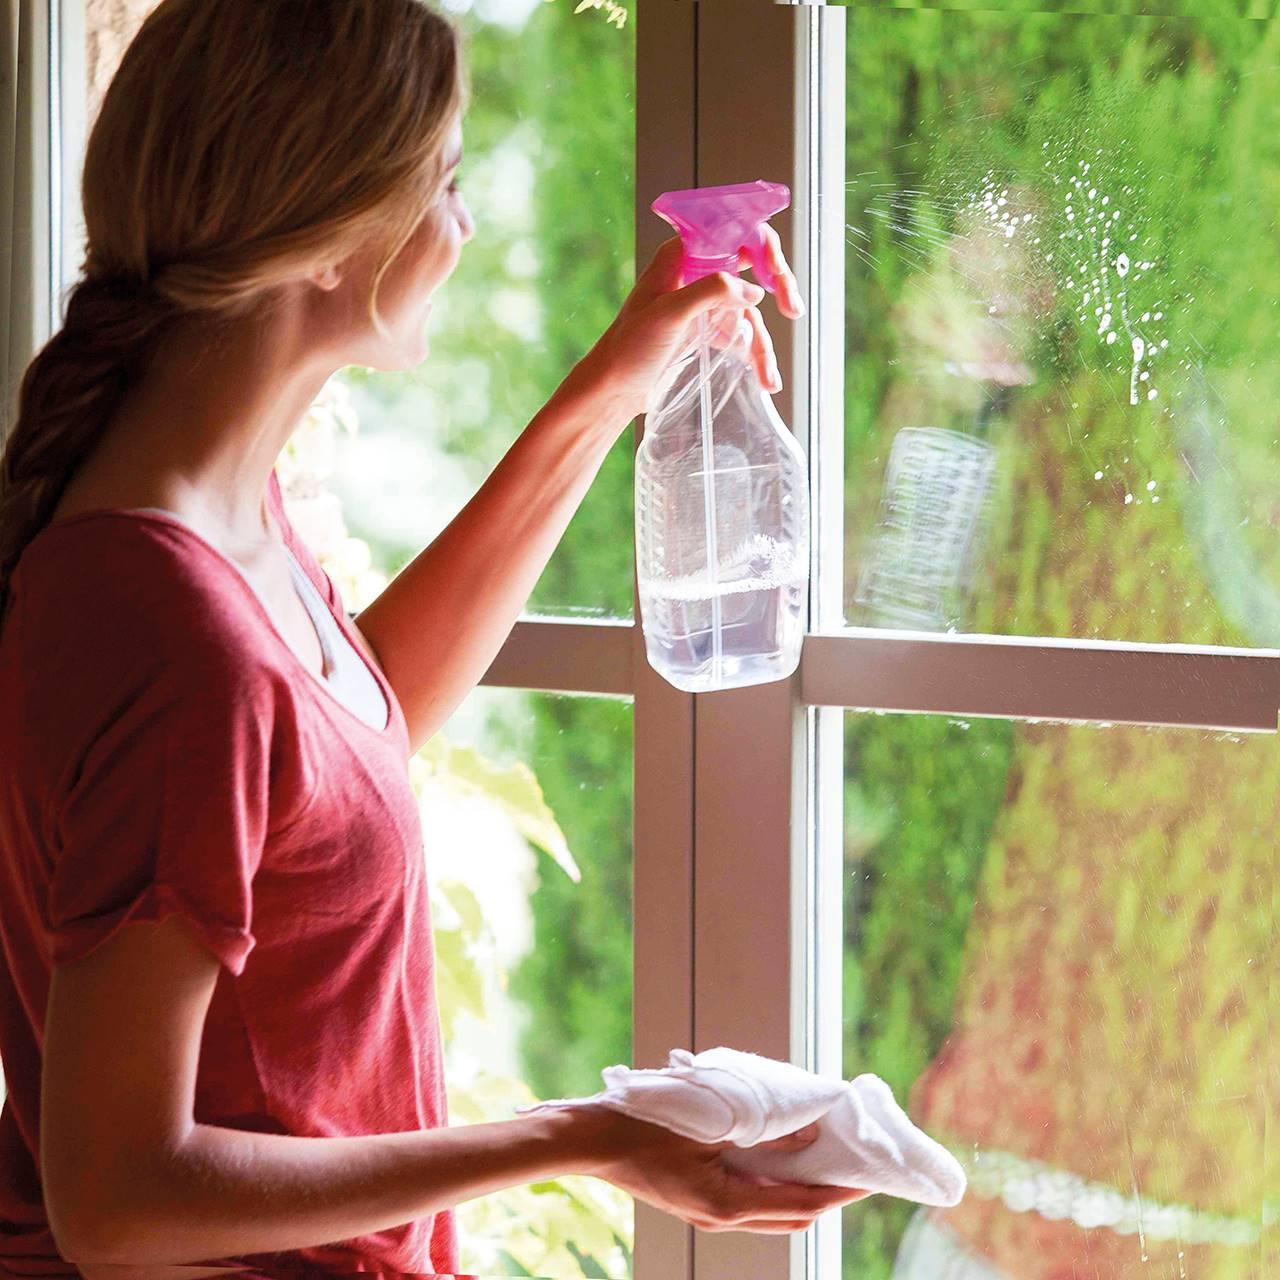 Mujer con limpicristales limpiando una ventana. Aplicar el producto directamente